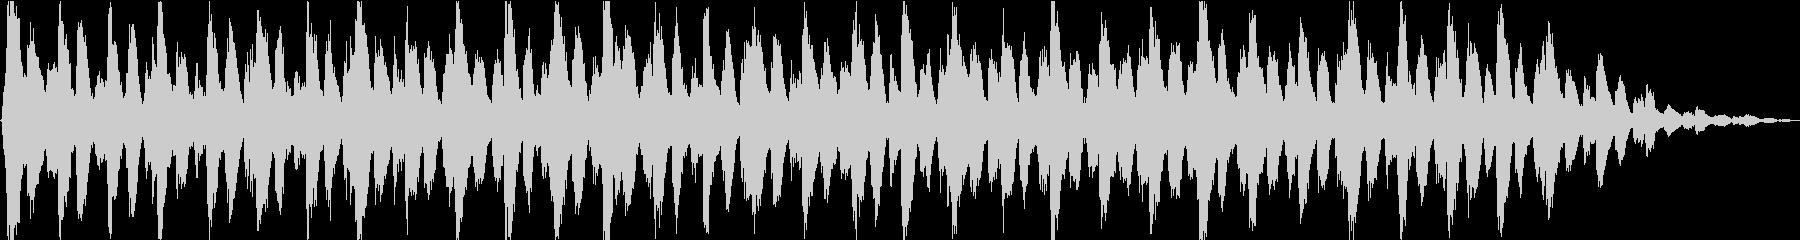 ミリタリー系オーケストラの未再生の波形